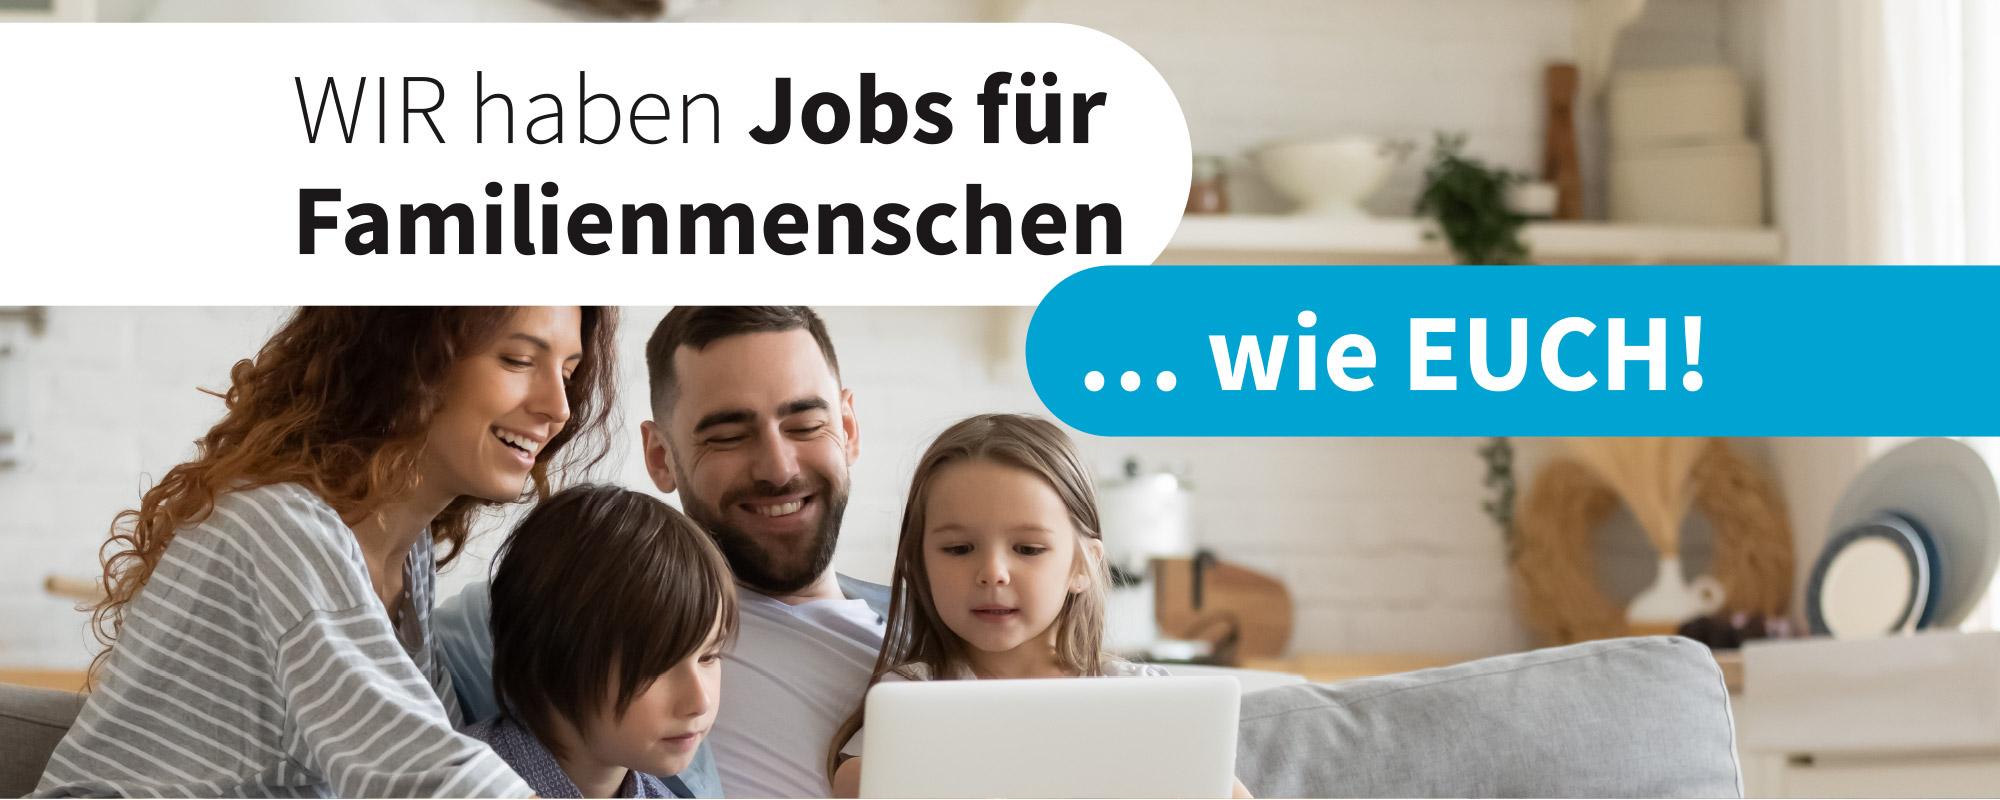 WIR haben Jobs für Familienmenschen